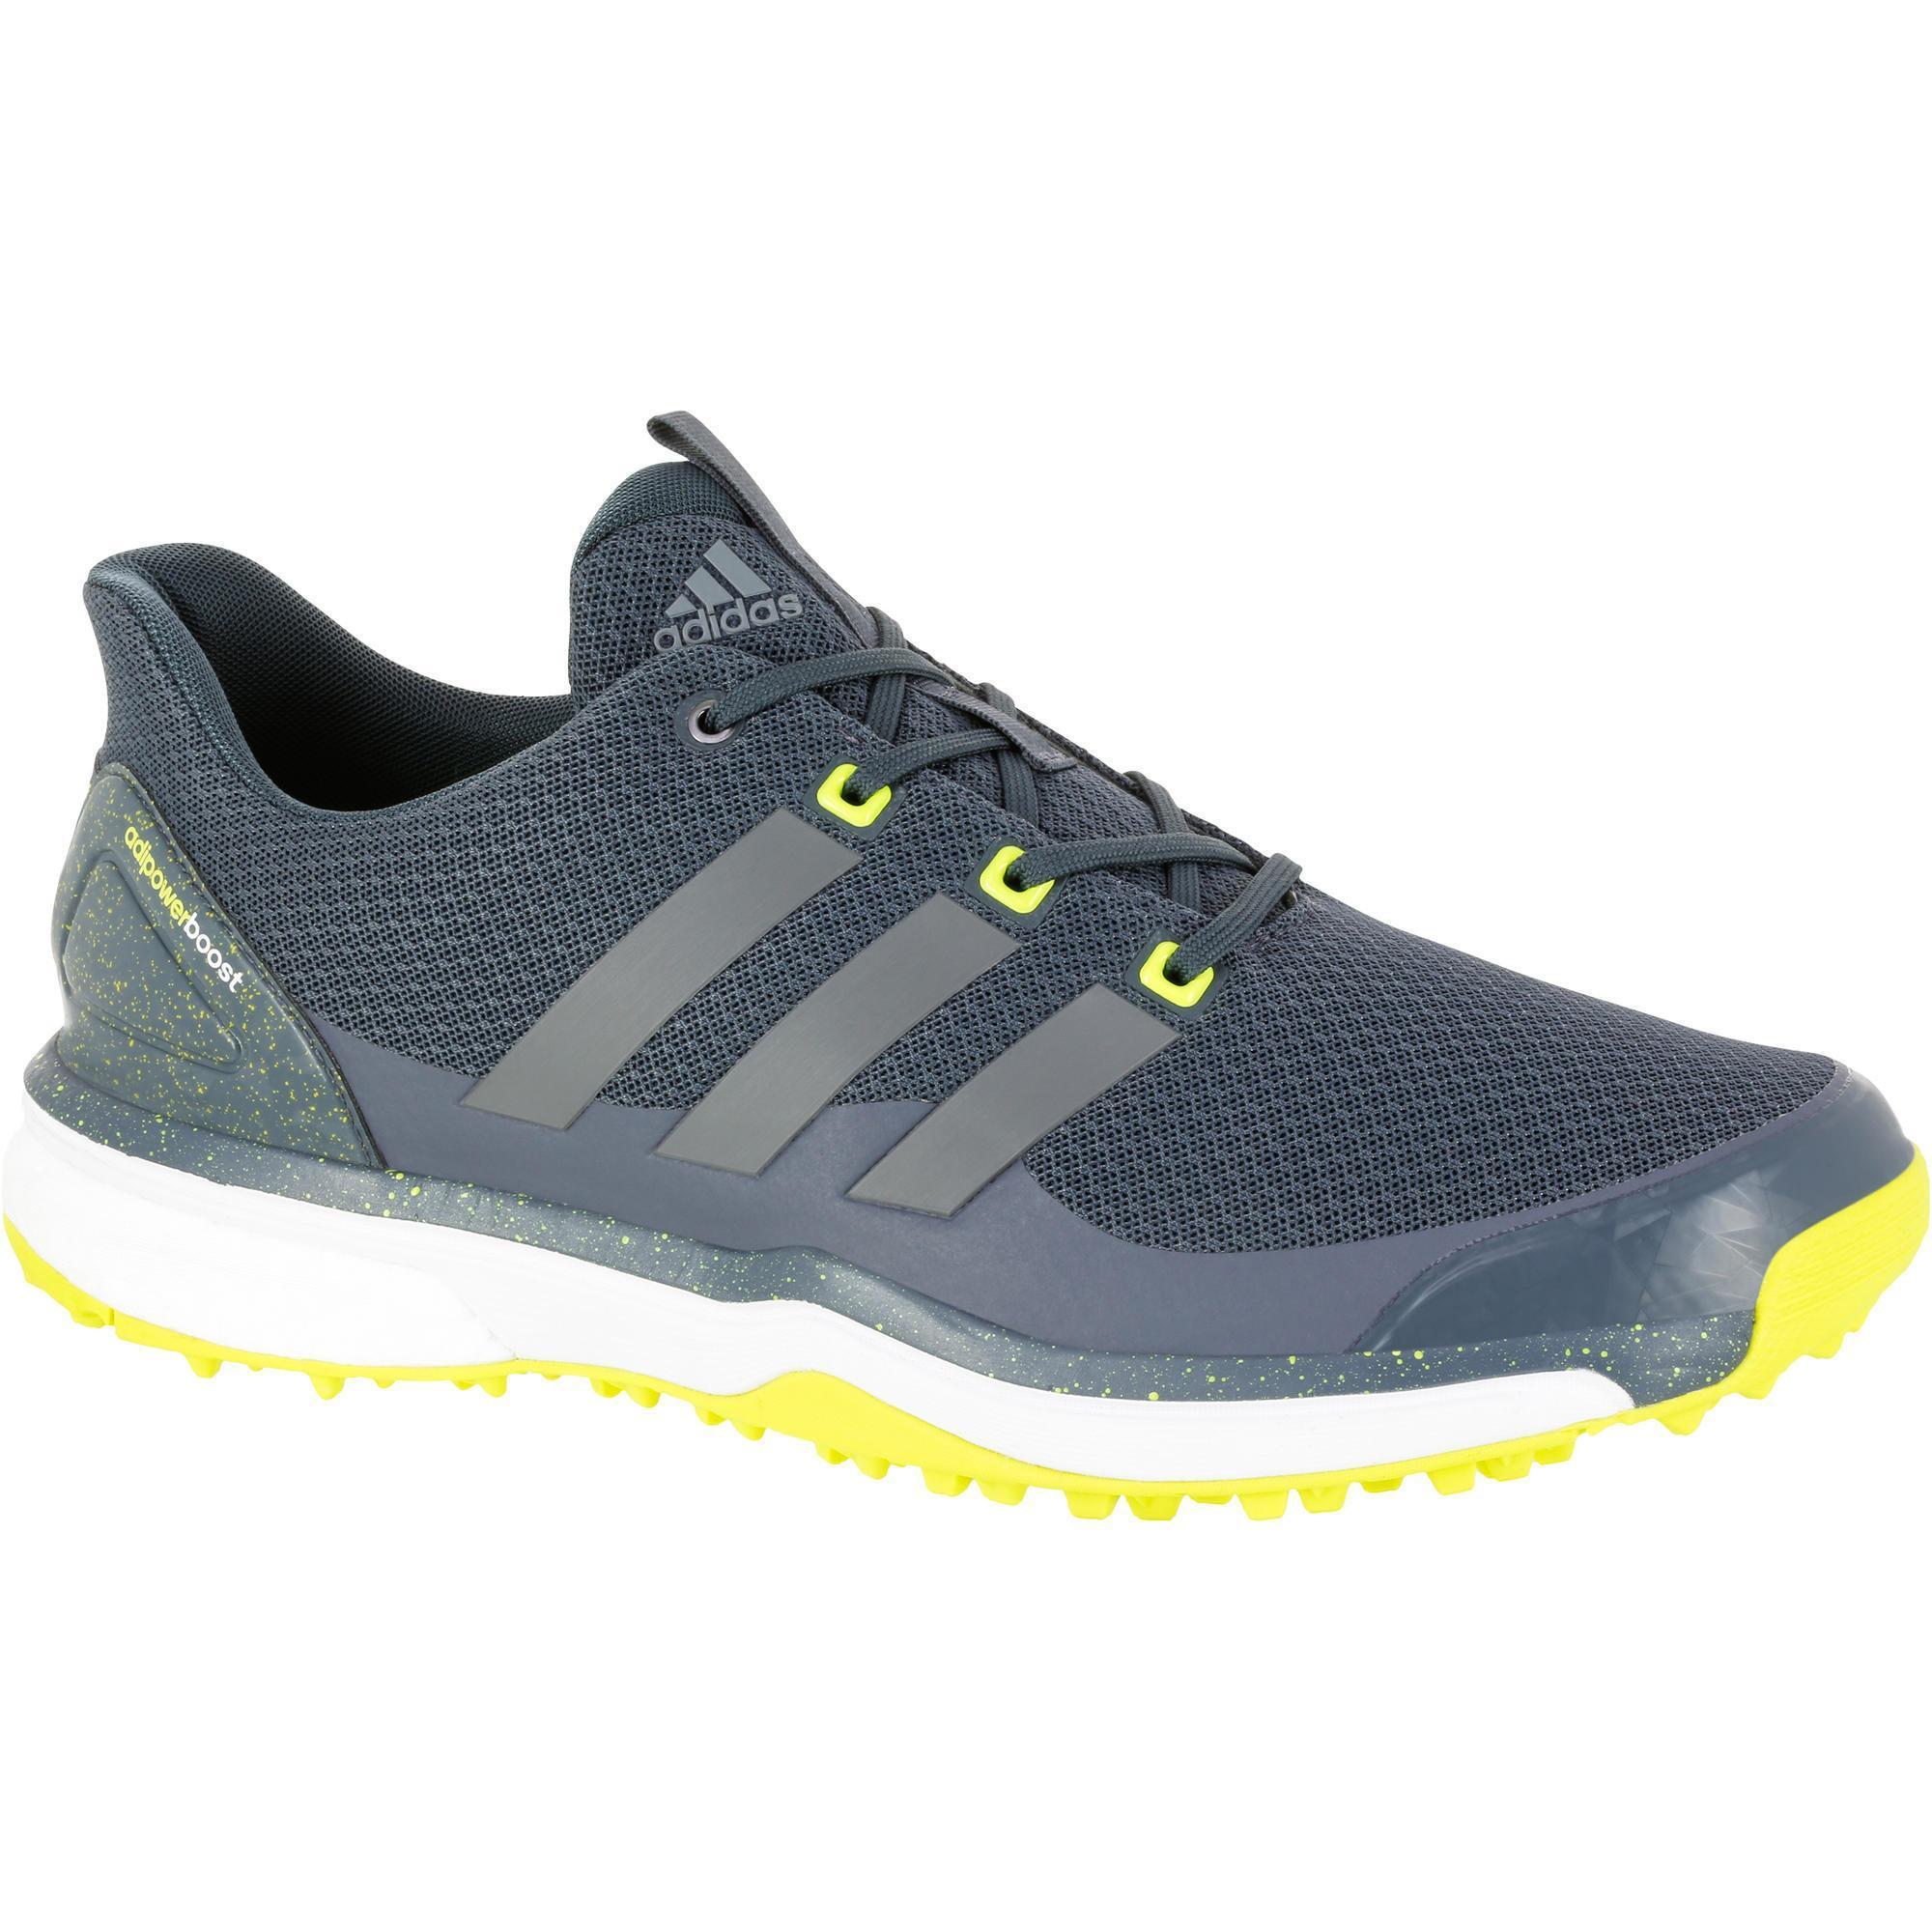 Adidas Golfschoenen Adipower Boost voor heren grijs